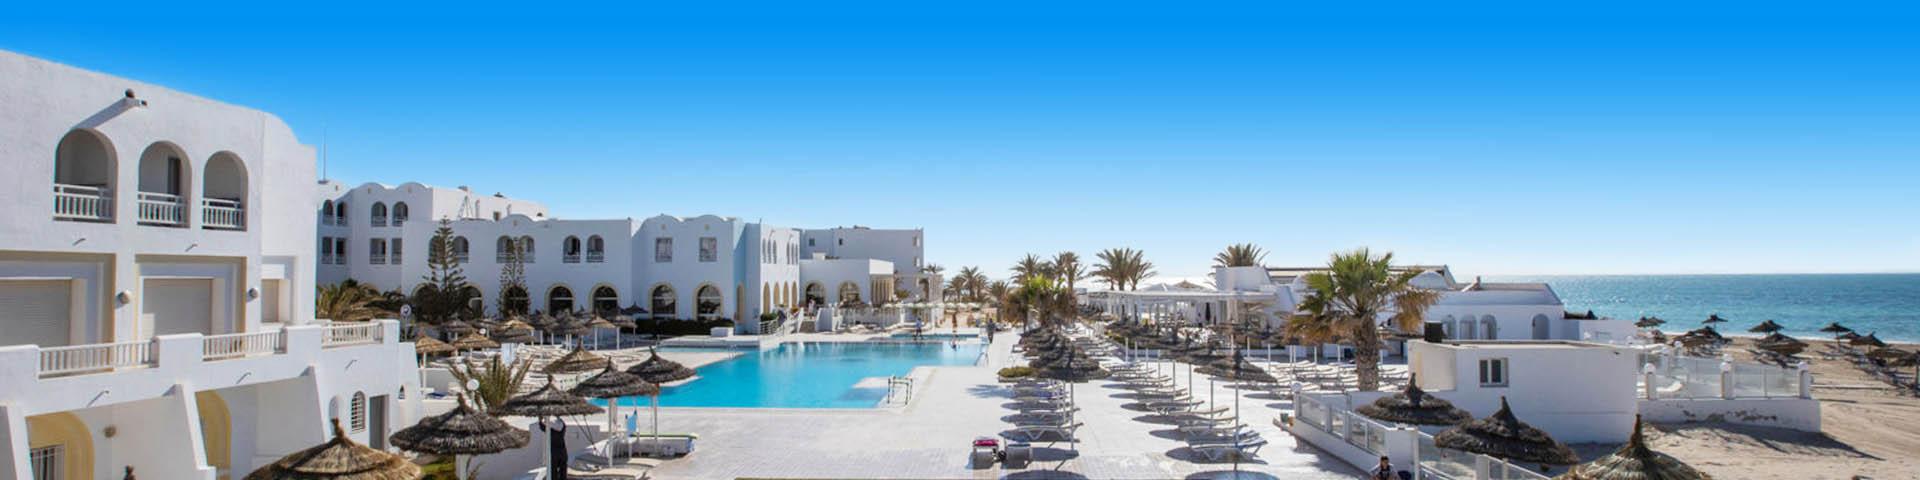 Een hotelgebouw van hotelketen Club Calimera met uitzicht op het zwembad